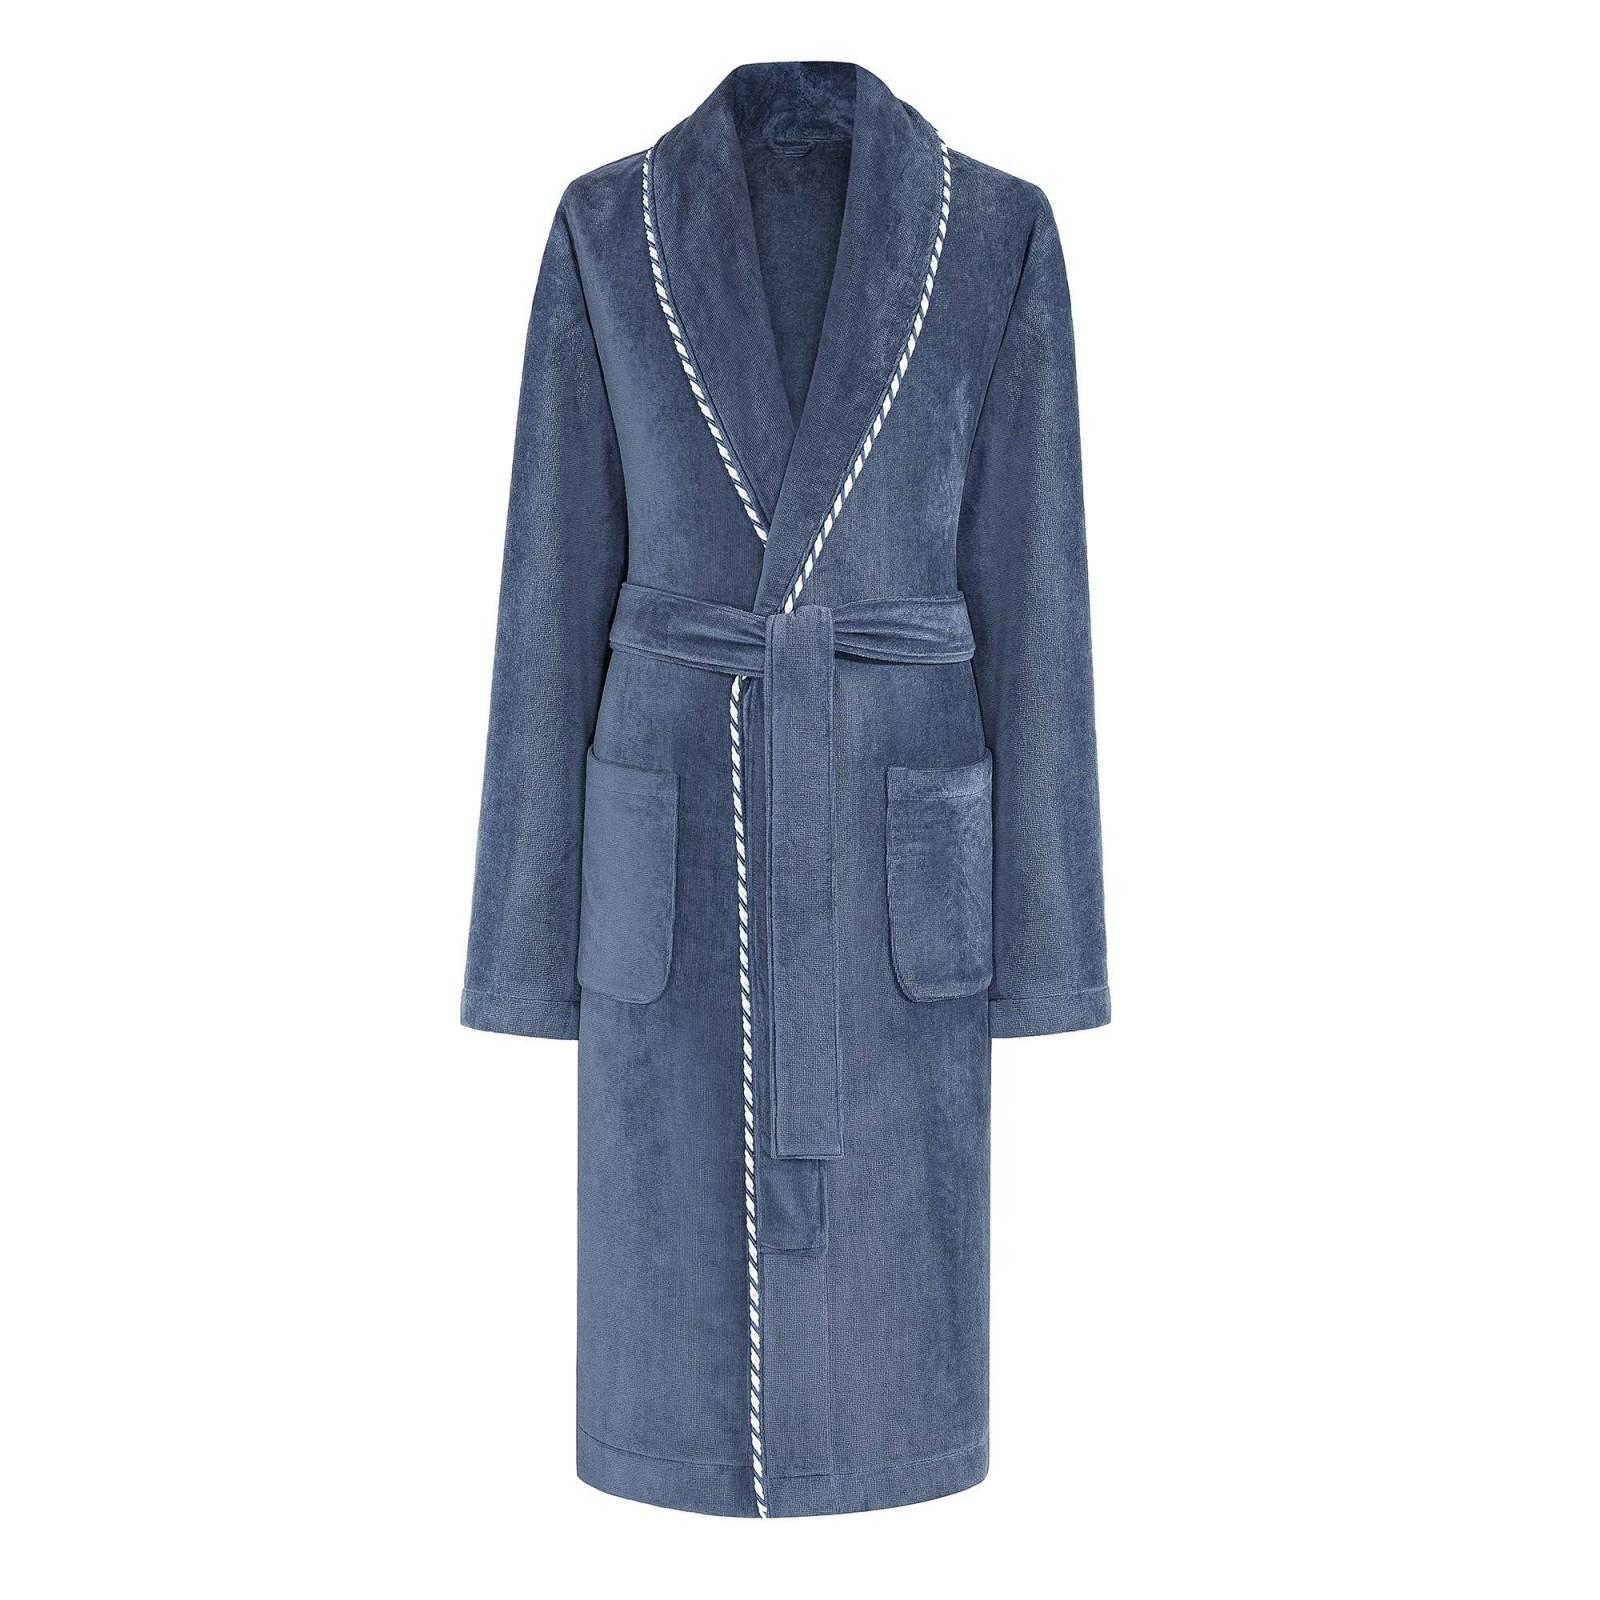 Сауны, бани и оборудование Togas Халат Роберт Цвет: Синий (xxxL) togas халат мужской конолли